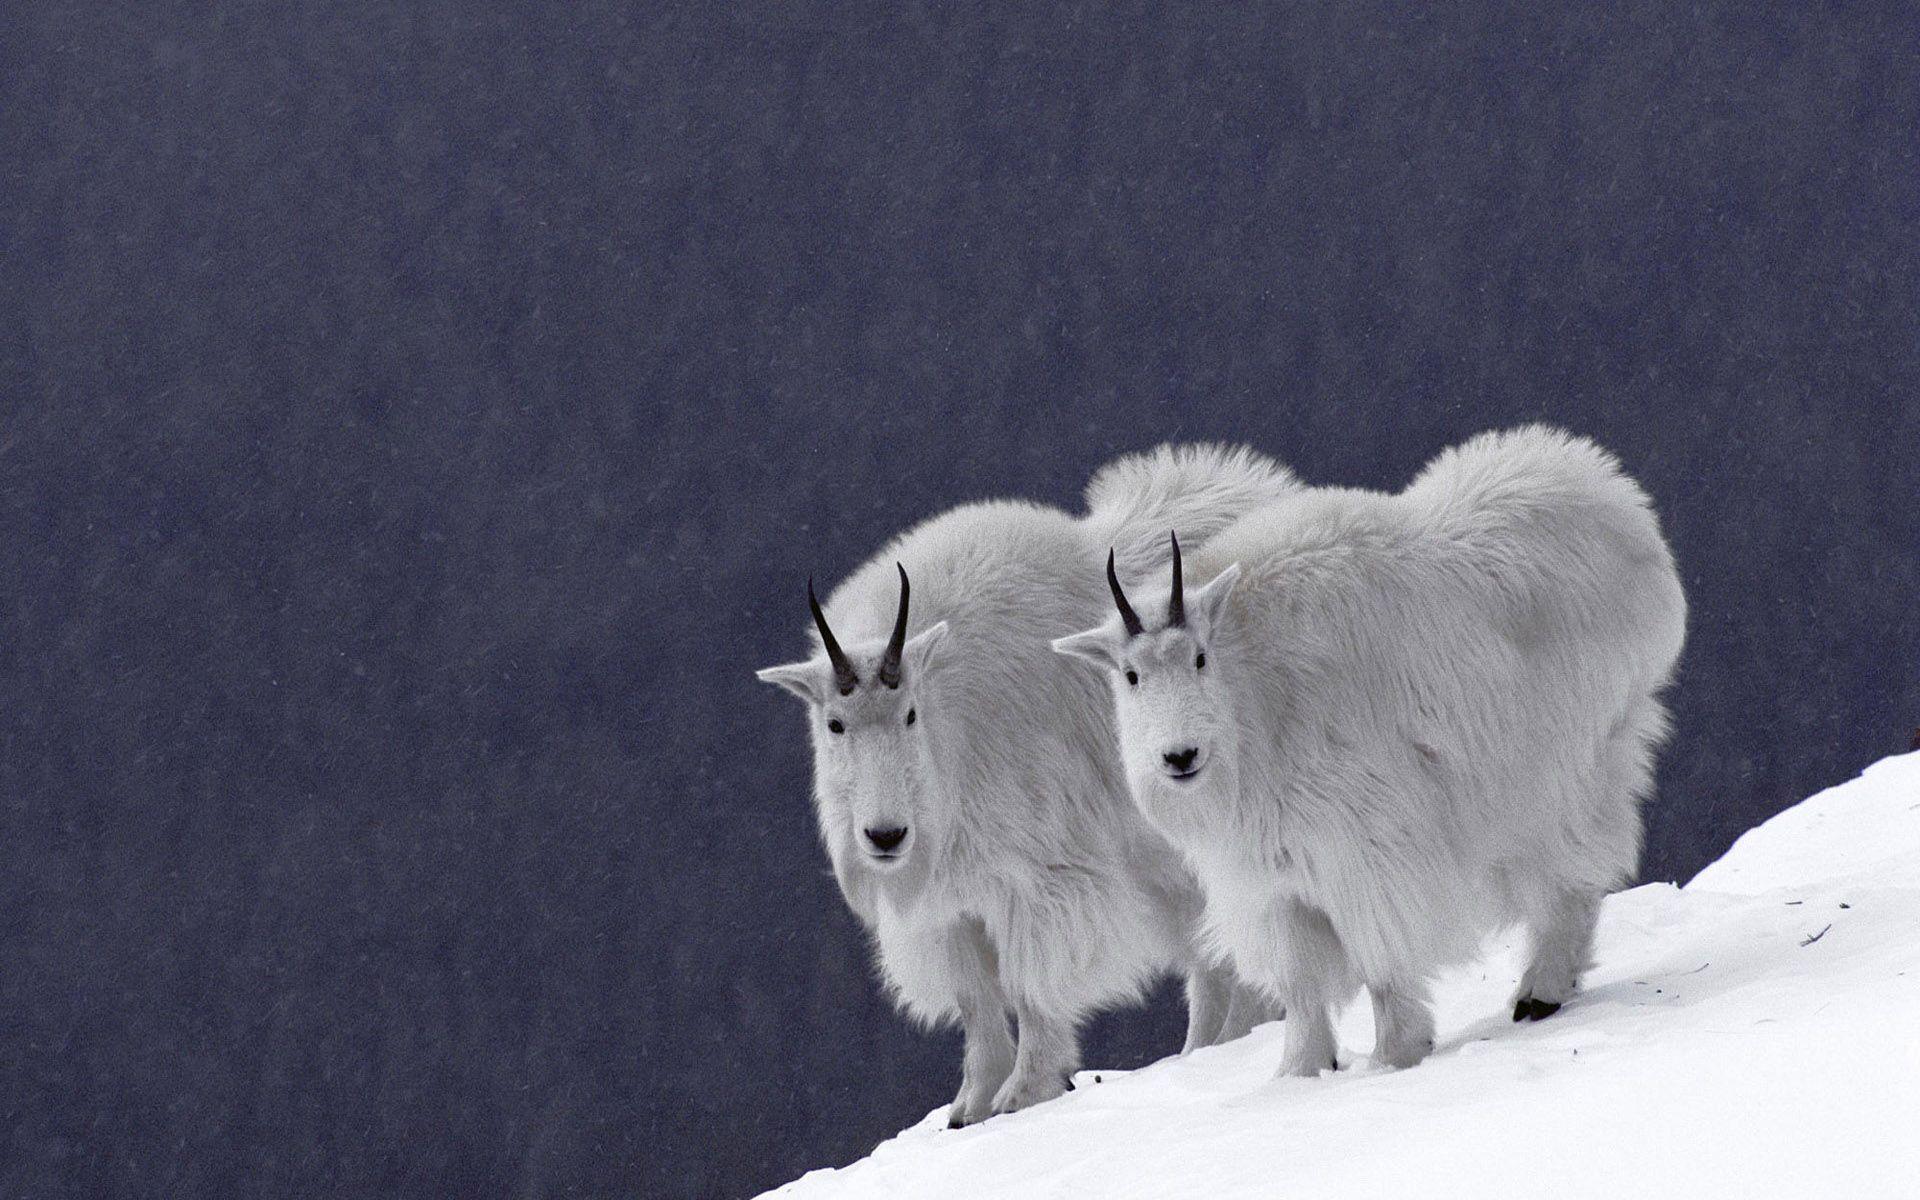 Mountain Goat (Oreamnos americanus) pair on snowy mountain slope, Rocky Mountains, North America